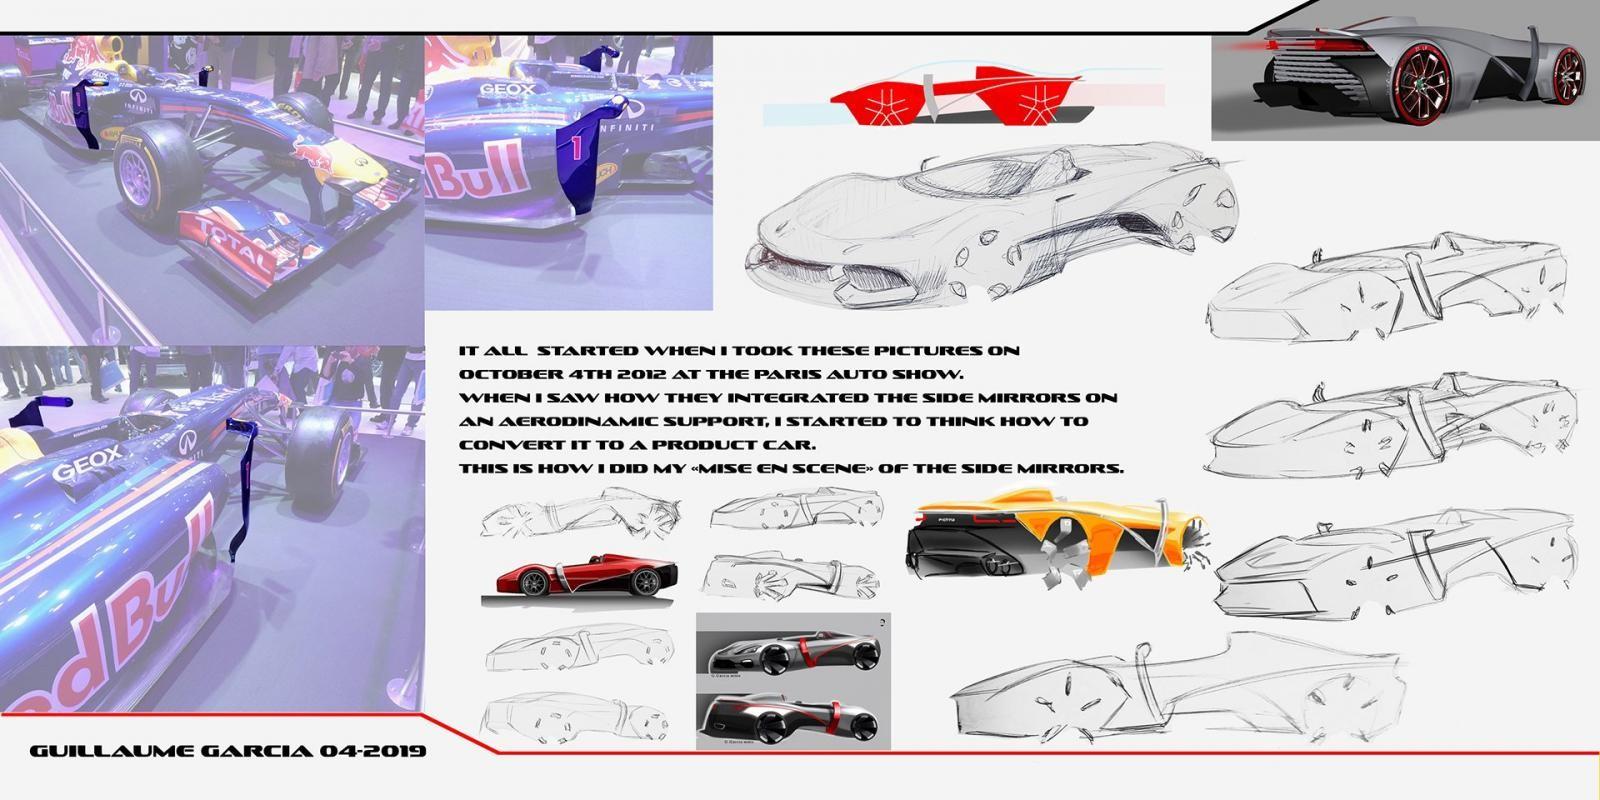 Nguồn cảm hứng thiết kếInertia Kinetik là đến từ xe đua Công thức 1